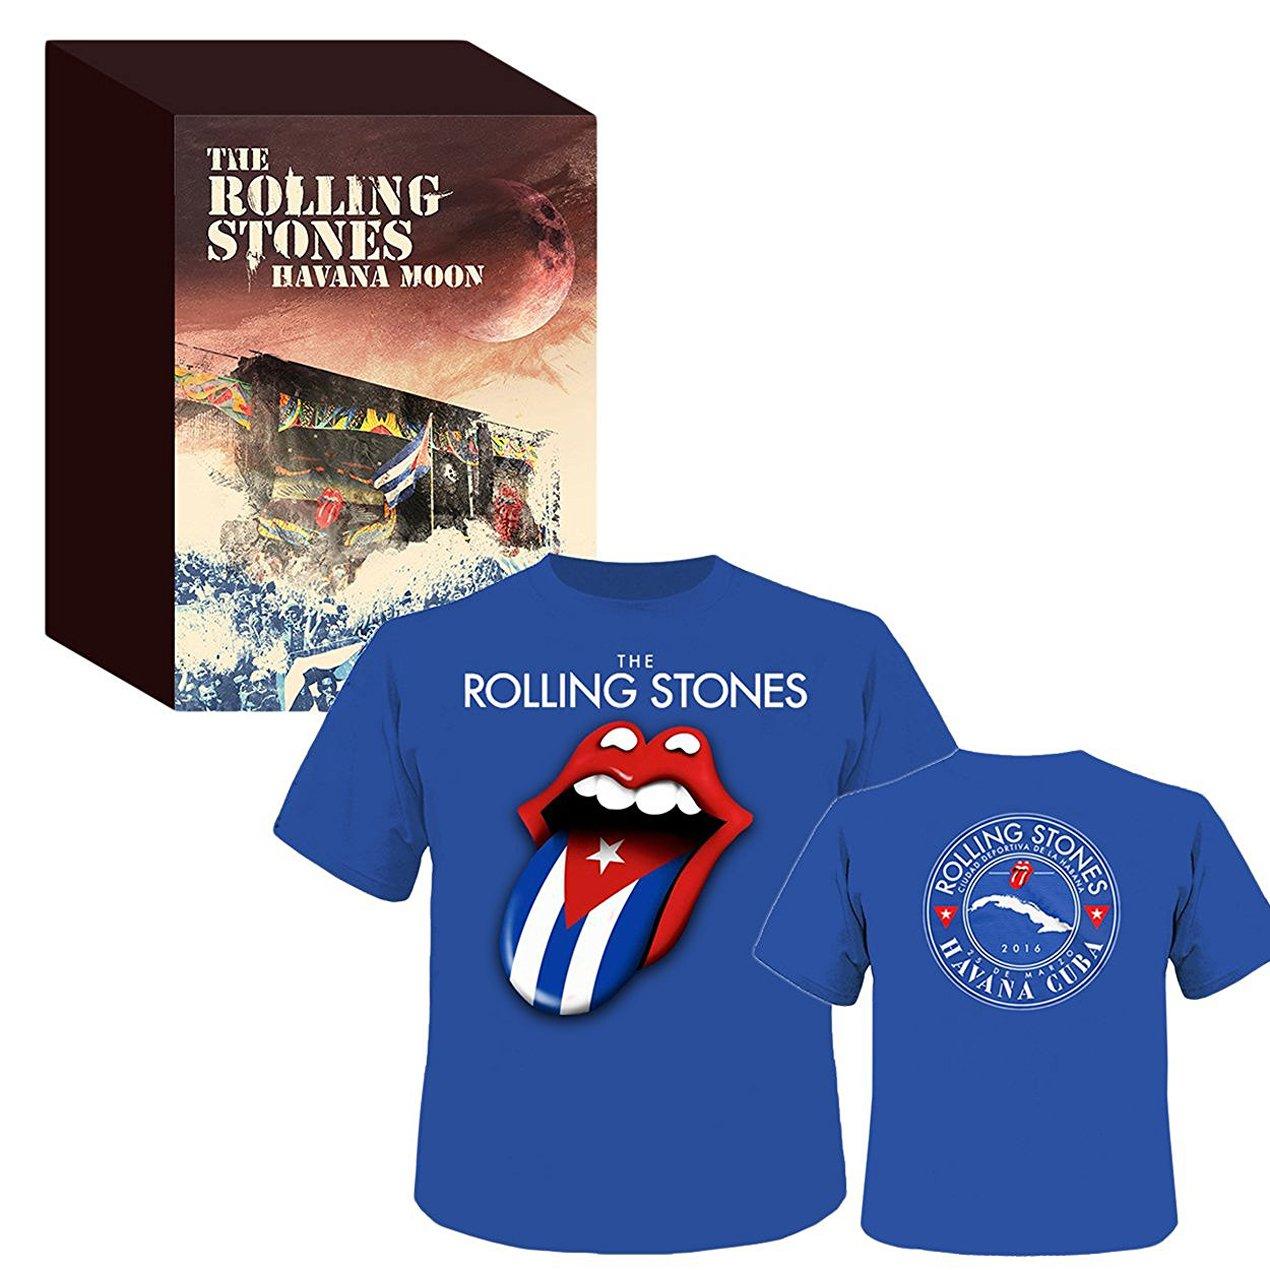 ローリング・ストーンズ / ハバナ・ムーン ストーンズ・ライヴ・イン・キューバ2016(完全生産限定Blu-ray+2枚組CD+Tシャツ[Lサイズのみ])